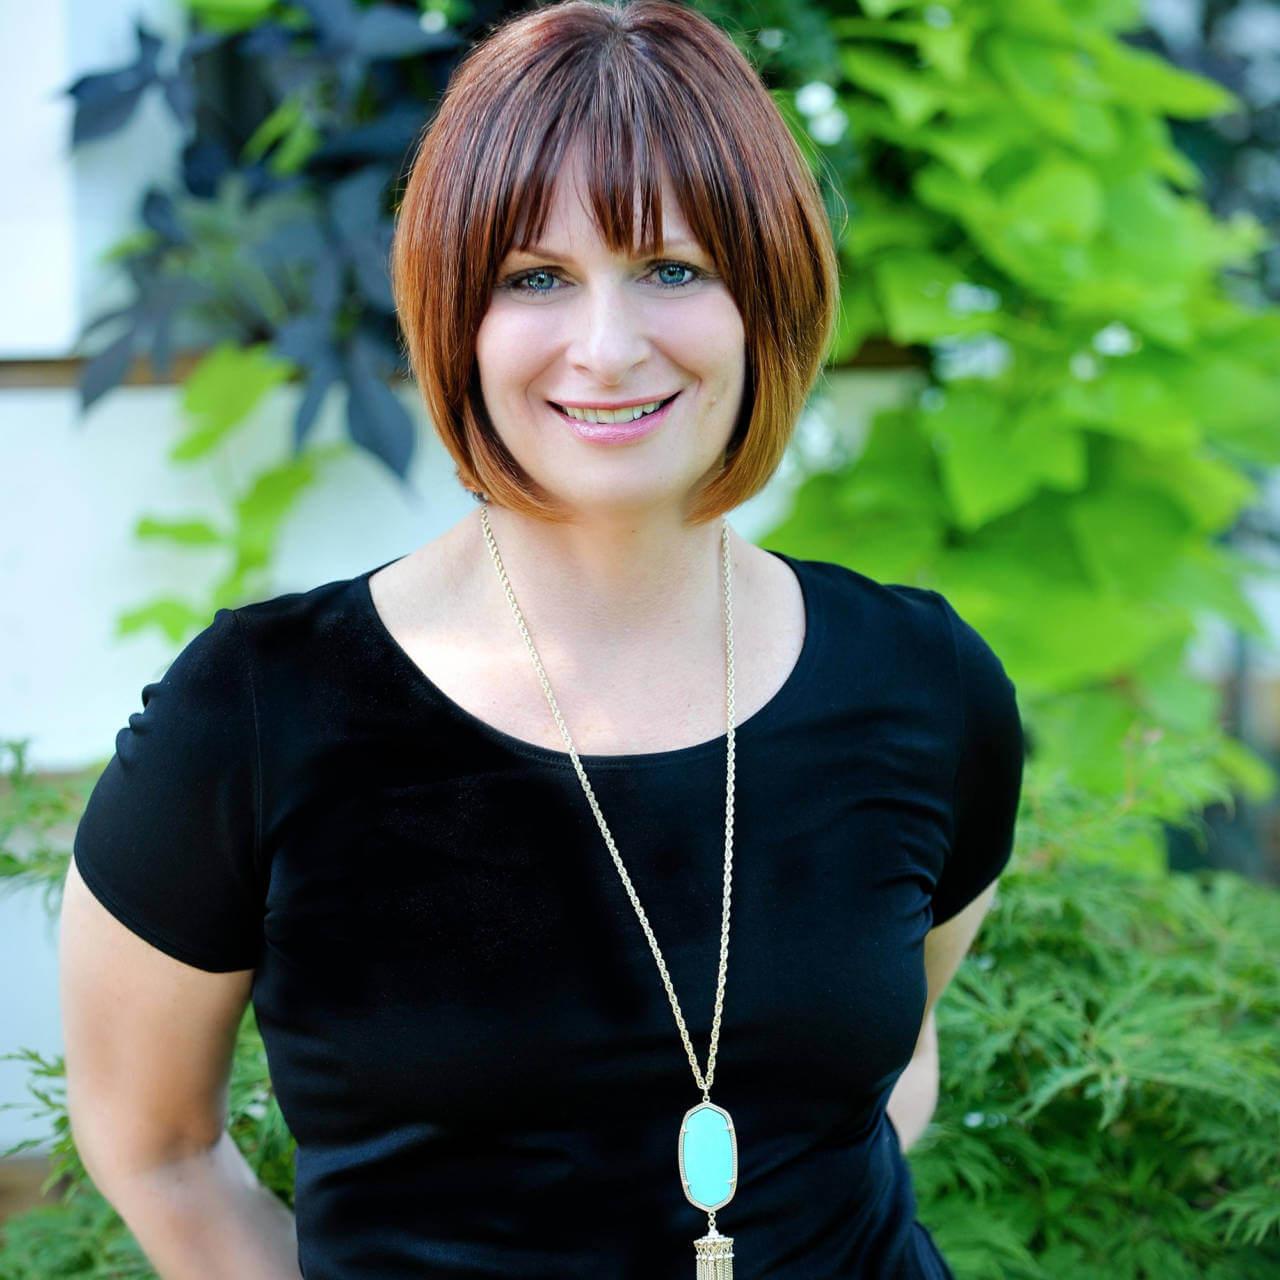 Maura Fredericks photo — Rebranding an Executive Coach